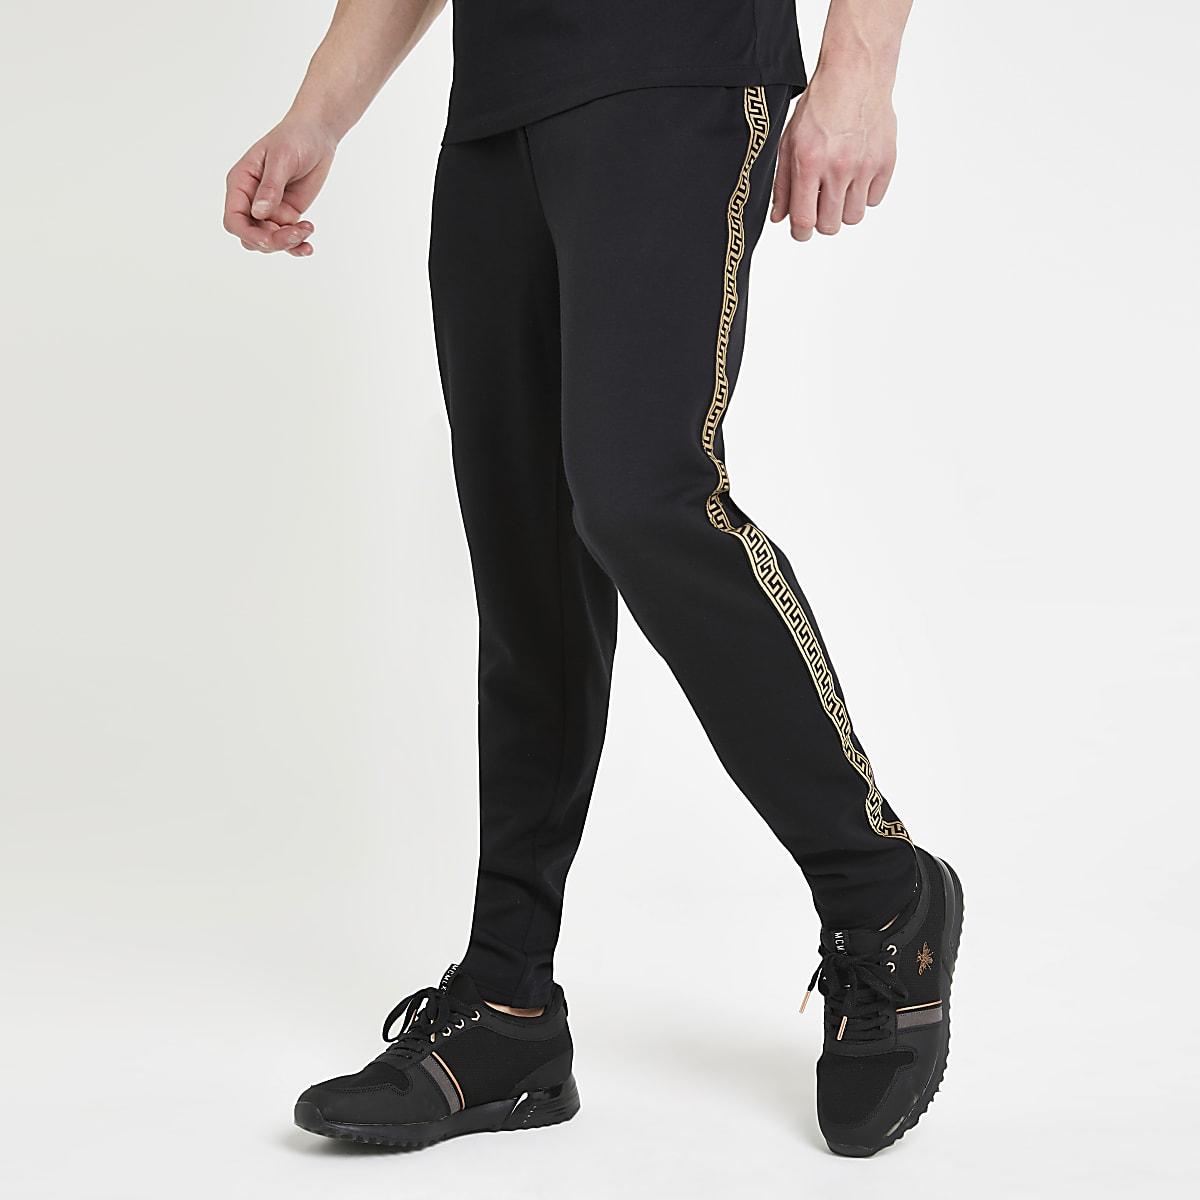 3c5f4bb6e35d45 Schwarze Slim Fit Jogginghose mit Print Schwarze Slim Fit Jogginghose mit  Print ...